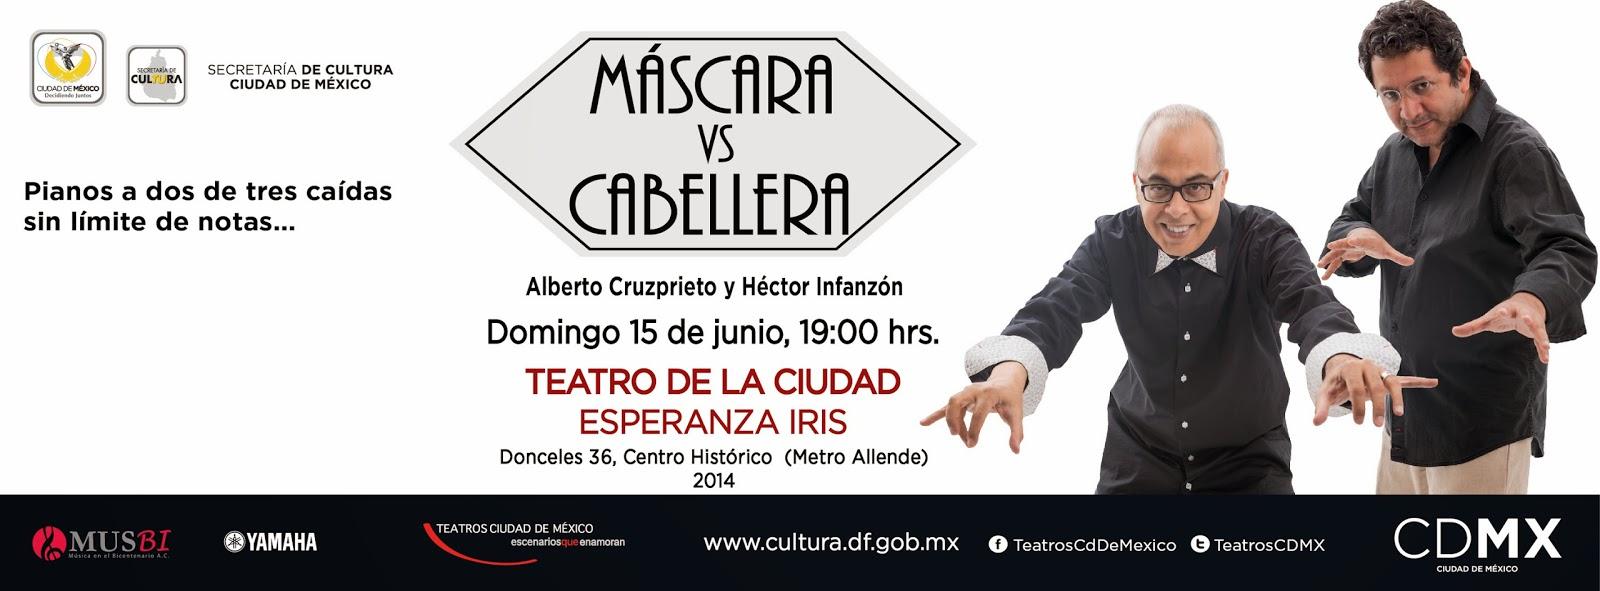 Fusionan música y lucha libre en el Teatro de la Ciudad Esperanza Iris